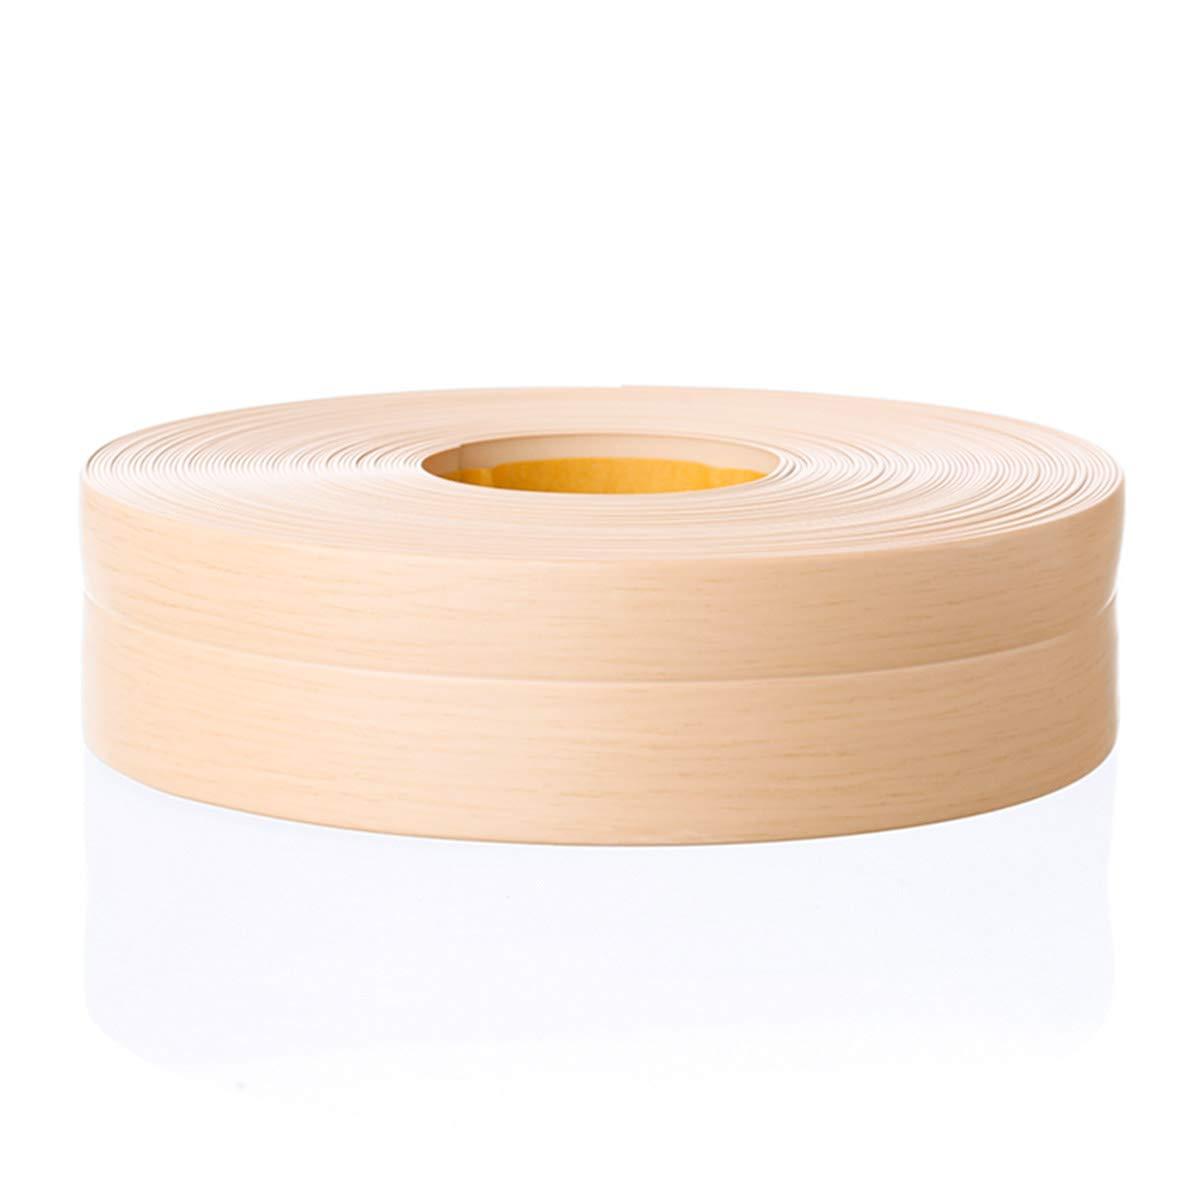 HOLZBRINK Rodapi/és flexible autoadhesivo Pino Rodapi/és flexible 32x23 mm 20 m Z/ócalo Autoadhesivo